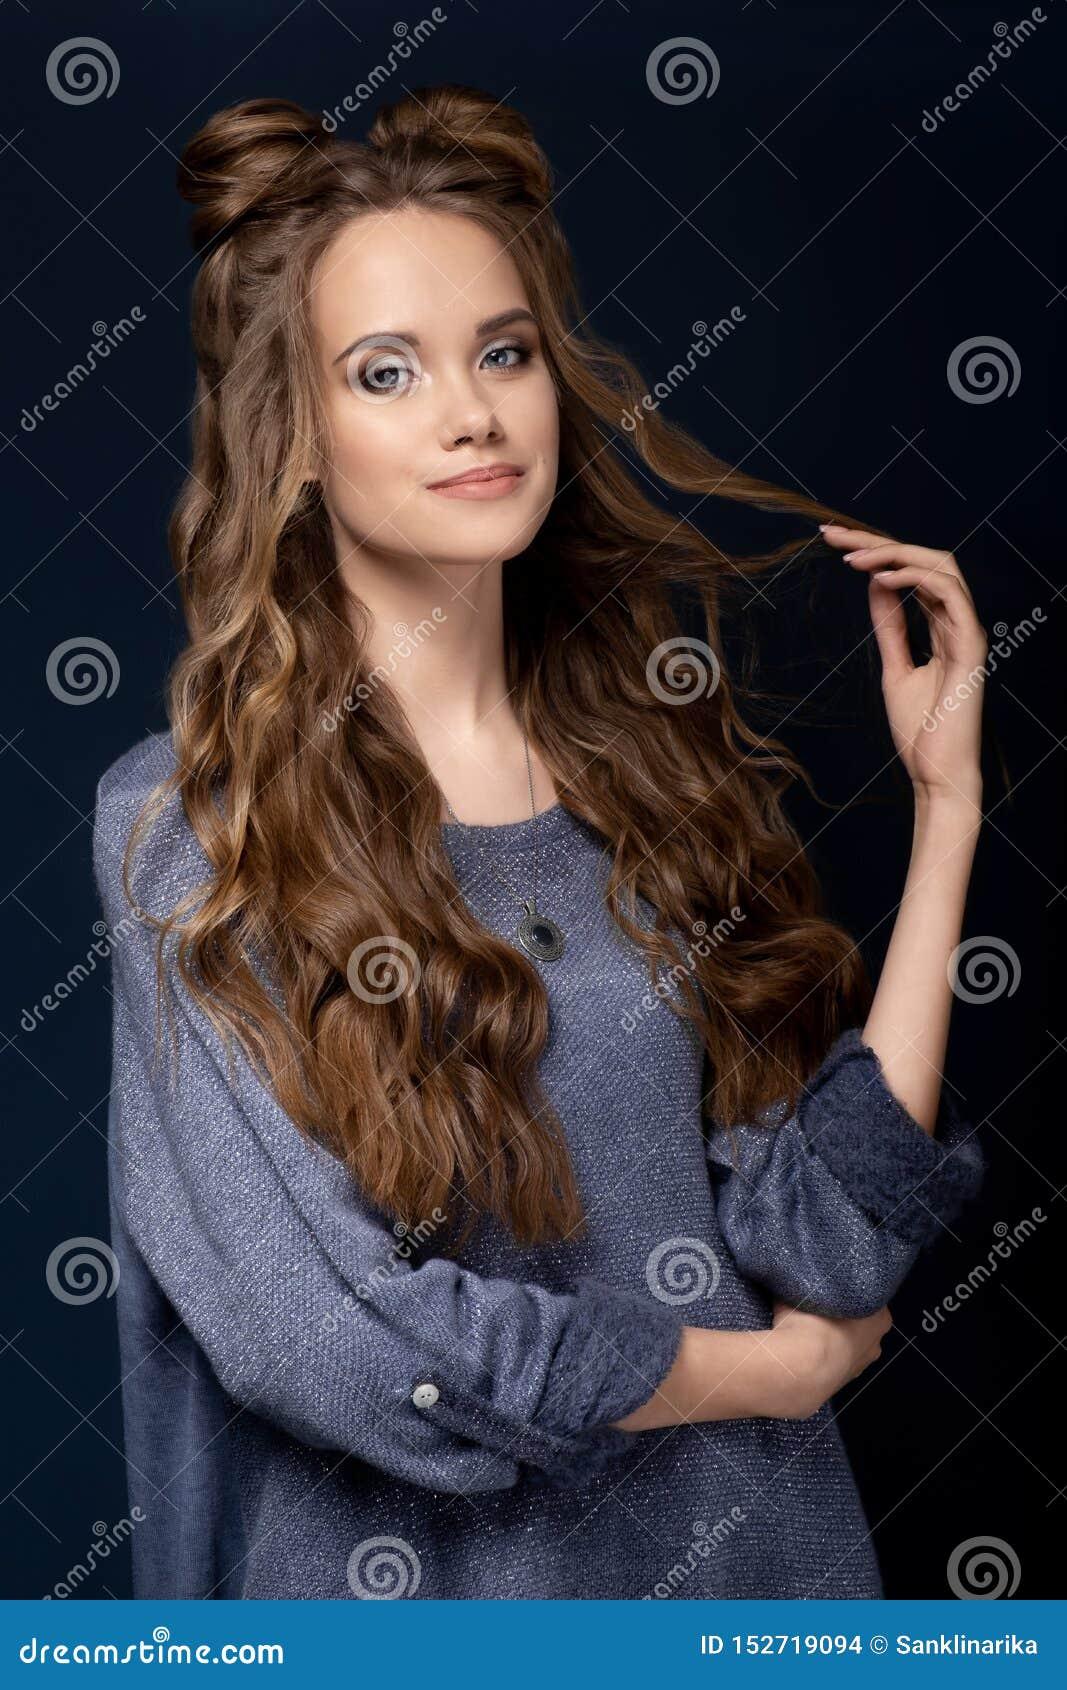 Śliczna młoda dziewczyna w błękitnej trykotowej sukni na błękitnym tle z kędzierzawy długie włosy i ostrzyżeniem